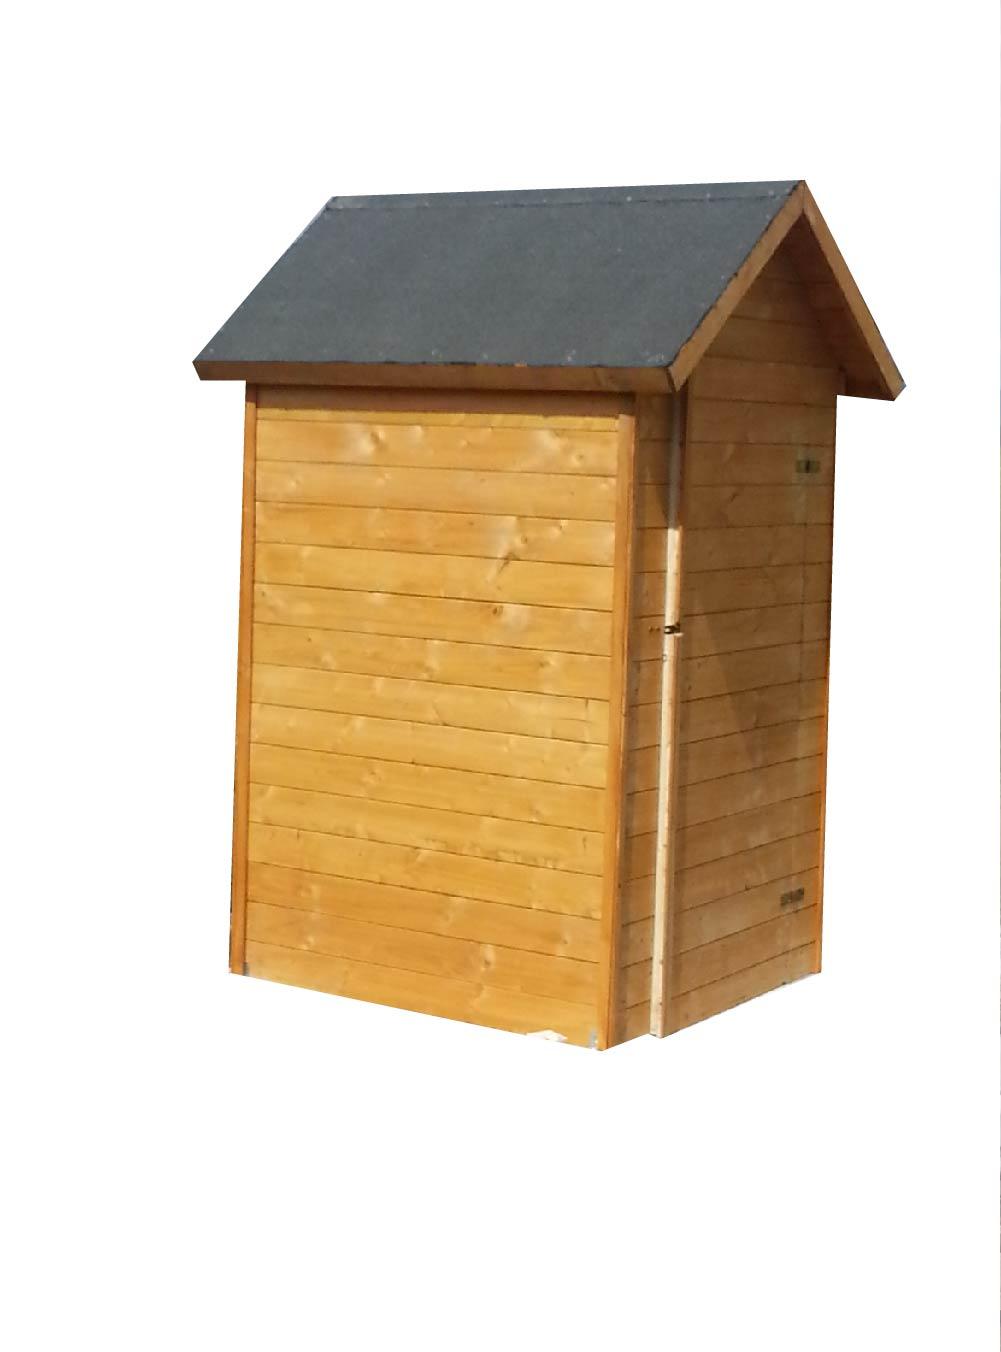 Zahradní dřevěný domek 1,5x1,5m, (16mm), MERIDA